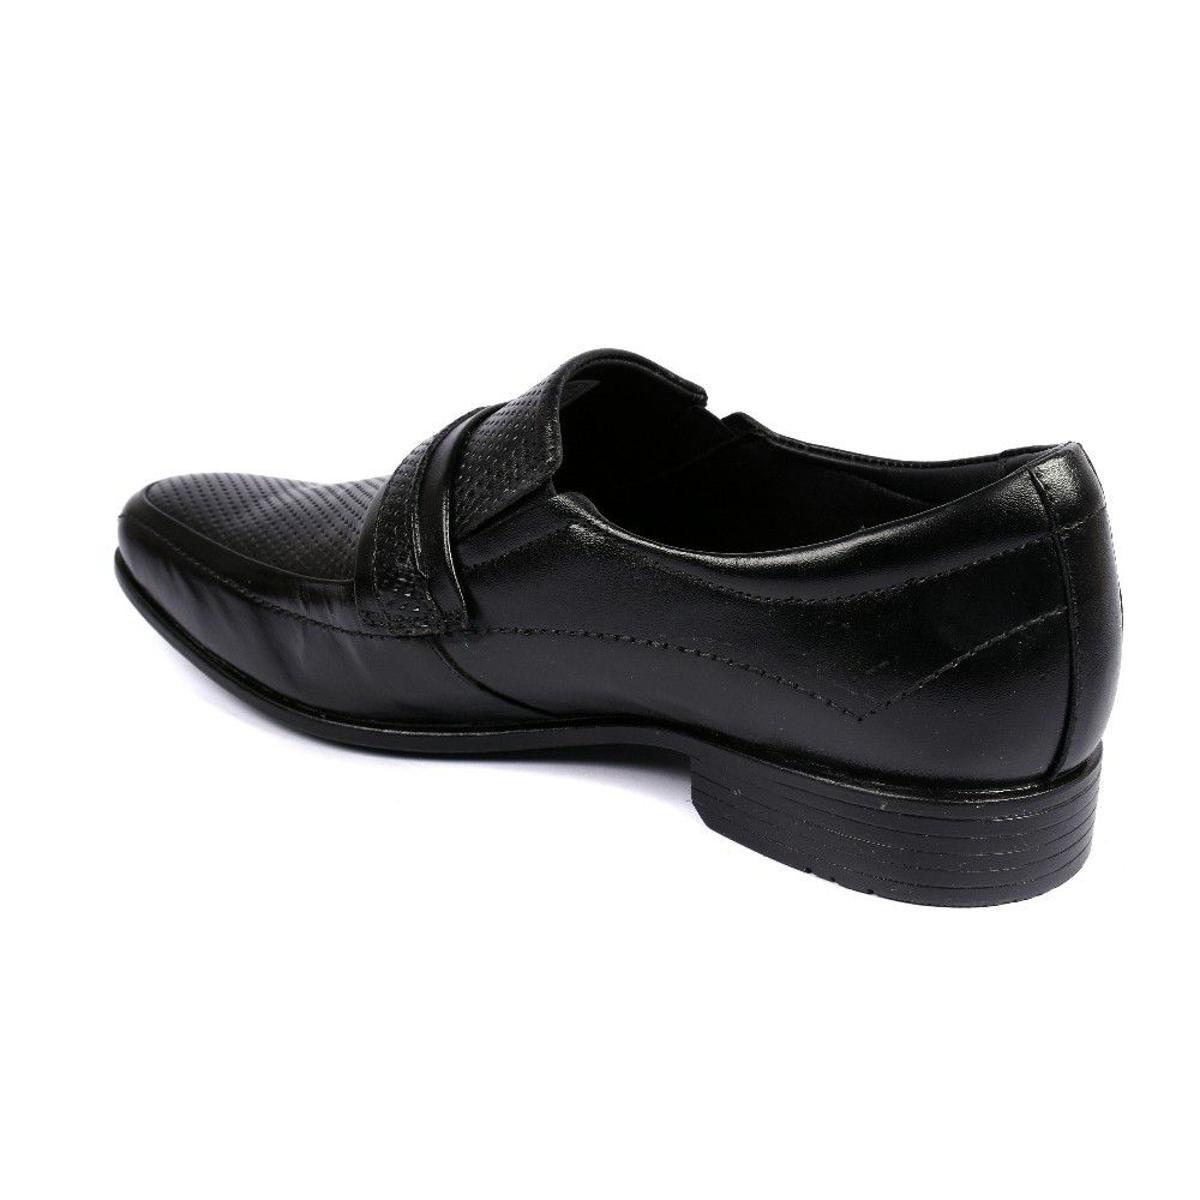 Sapato Social Couro 3ls3 Masculino - Preto